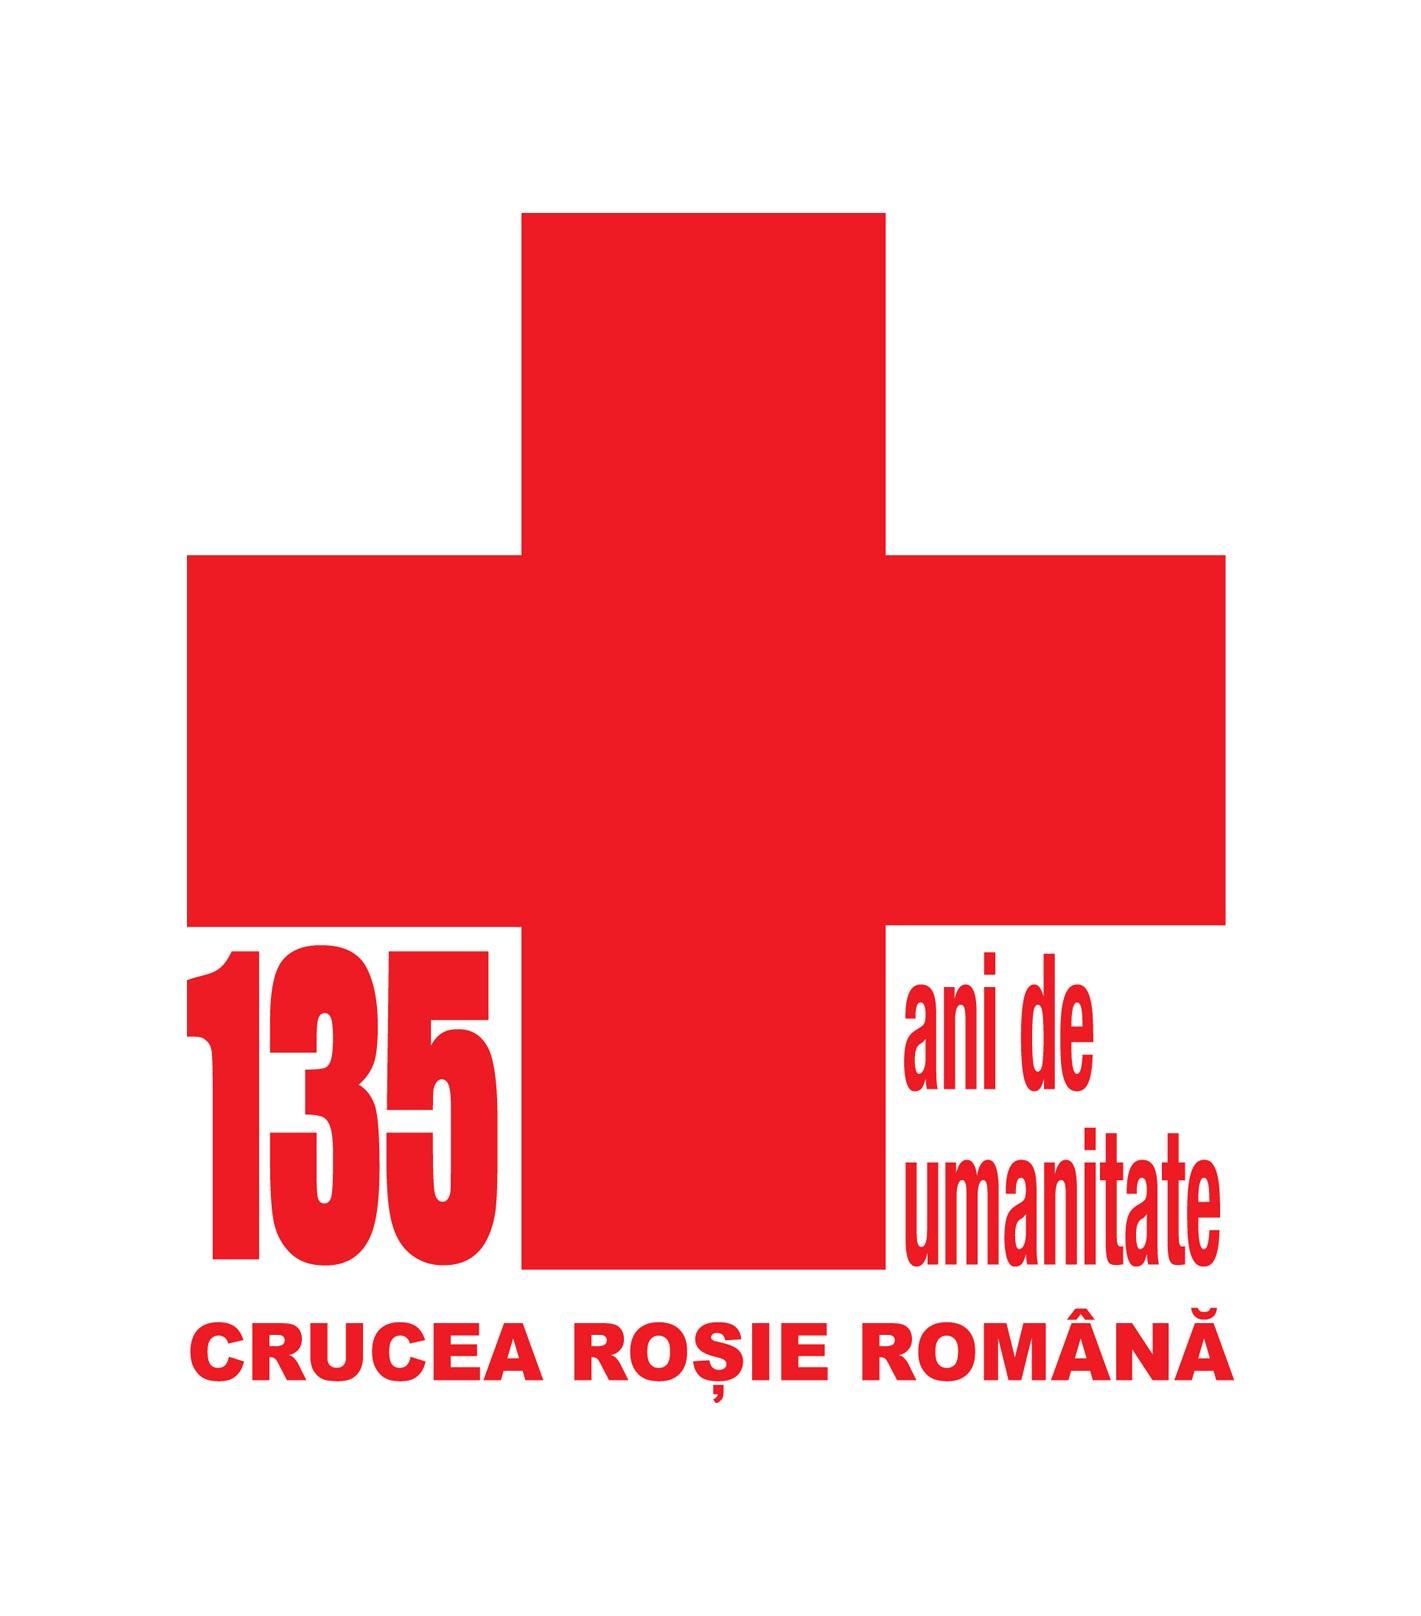 Crucea Rosie Romana Crucea Roşie Română